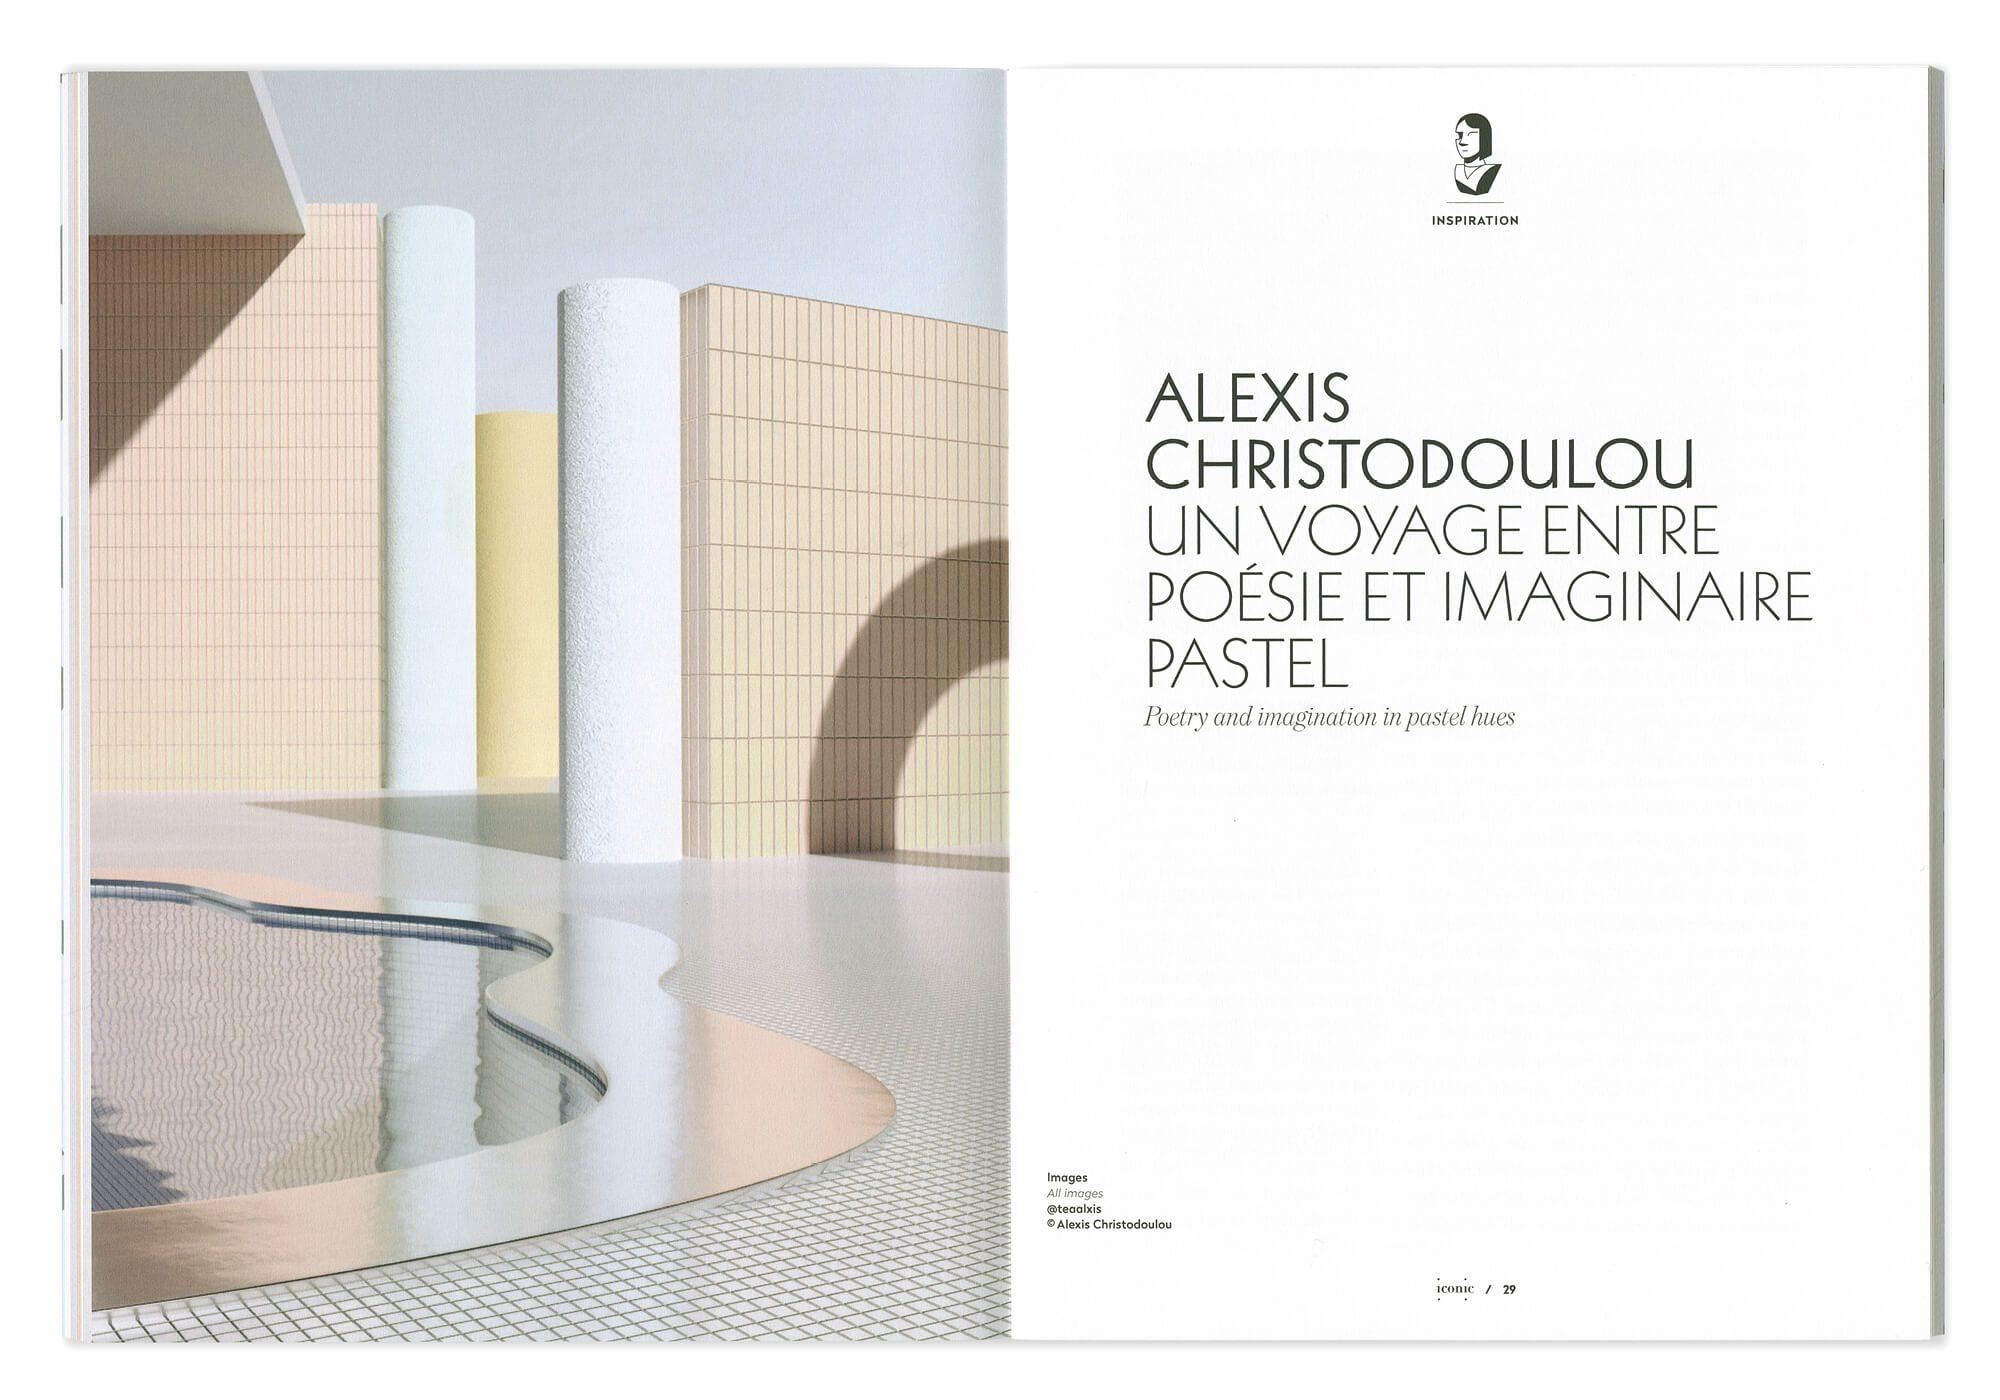 double page photo et texte, une ouverture d'article sur alexis christodoulou, dans des teintes pastels. maquette par Ich&Kar